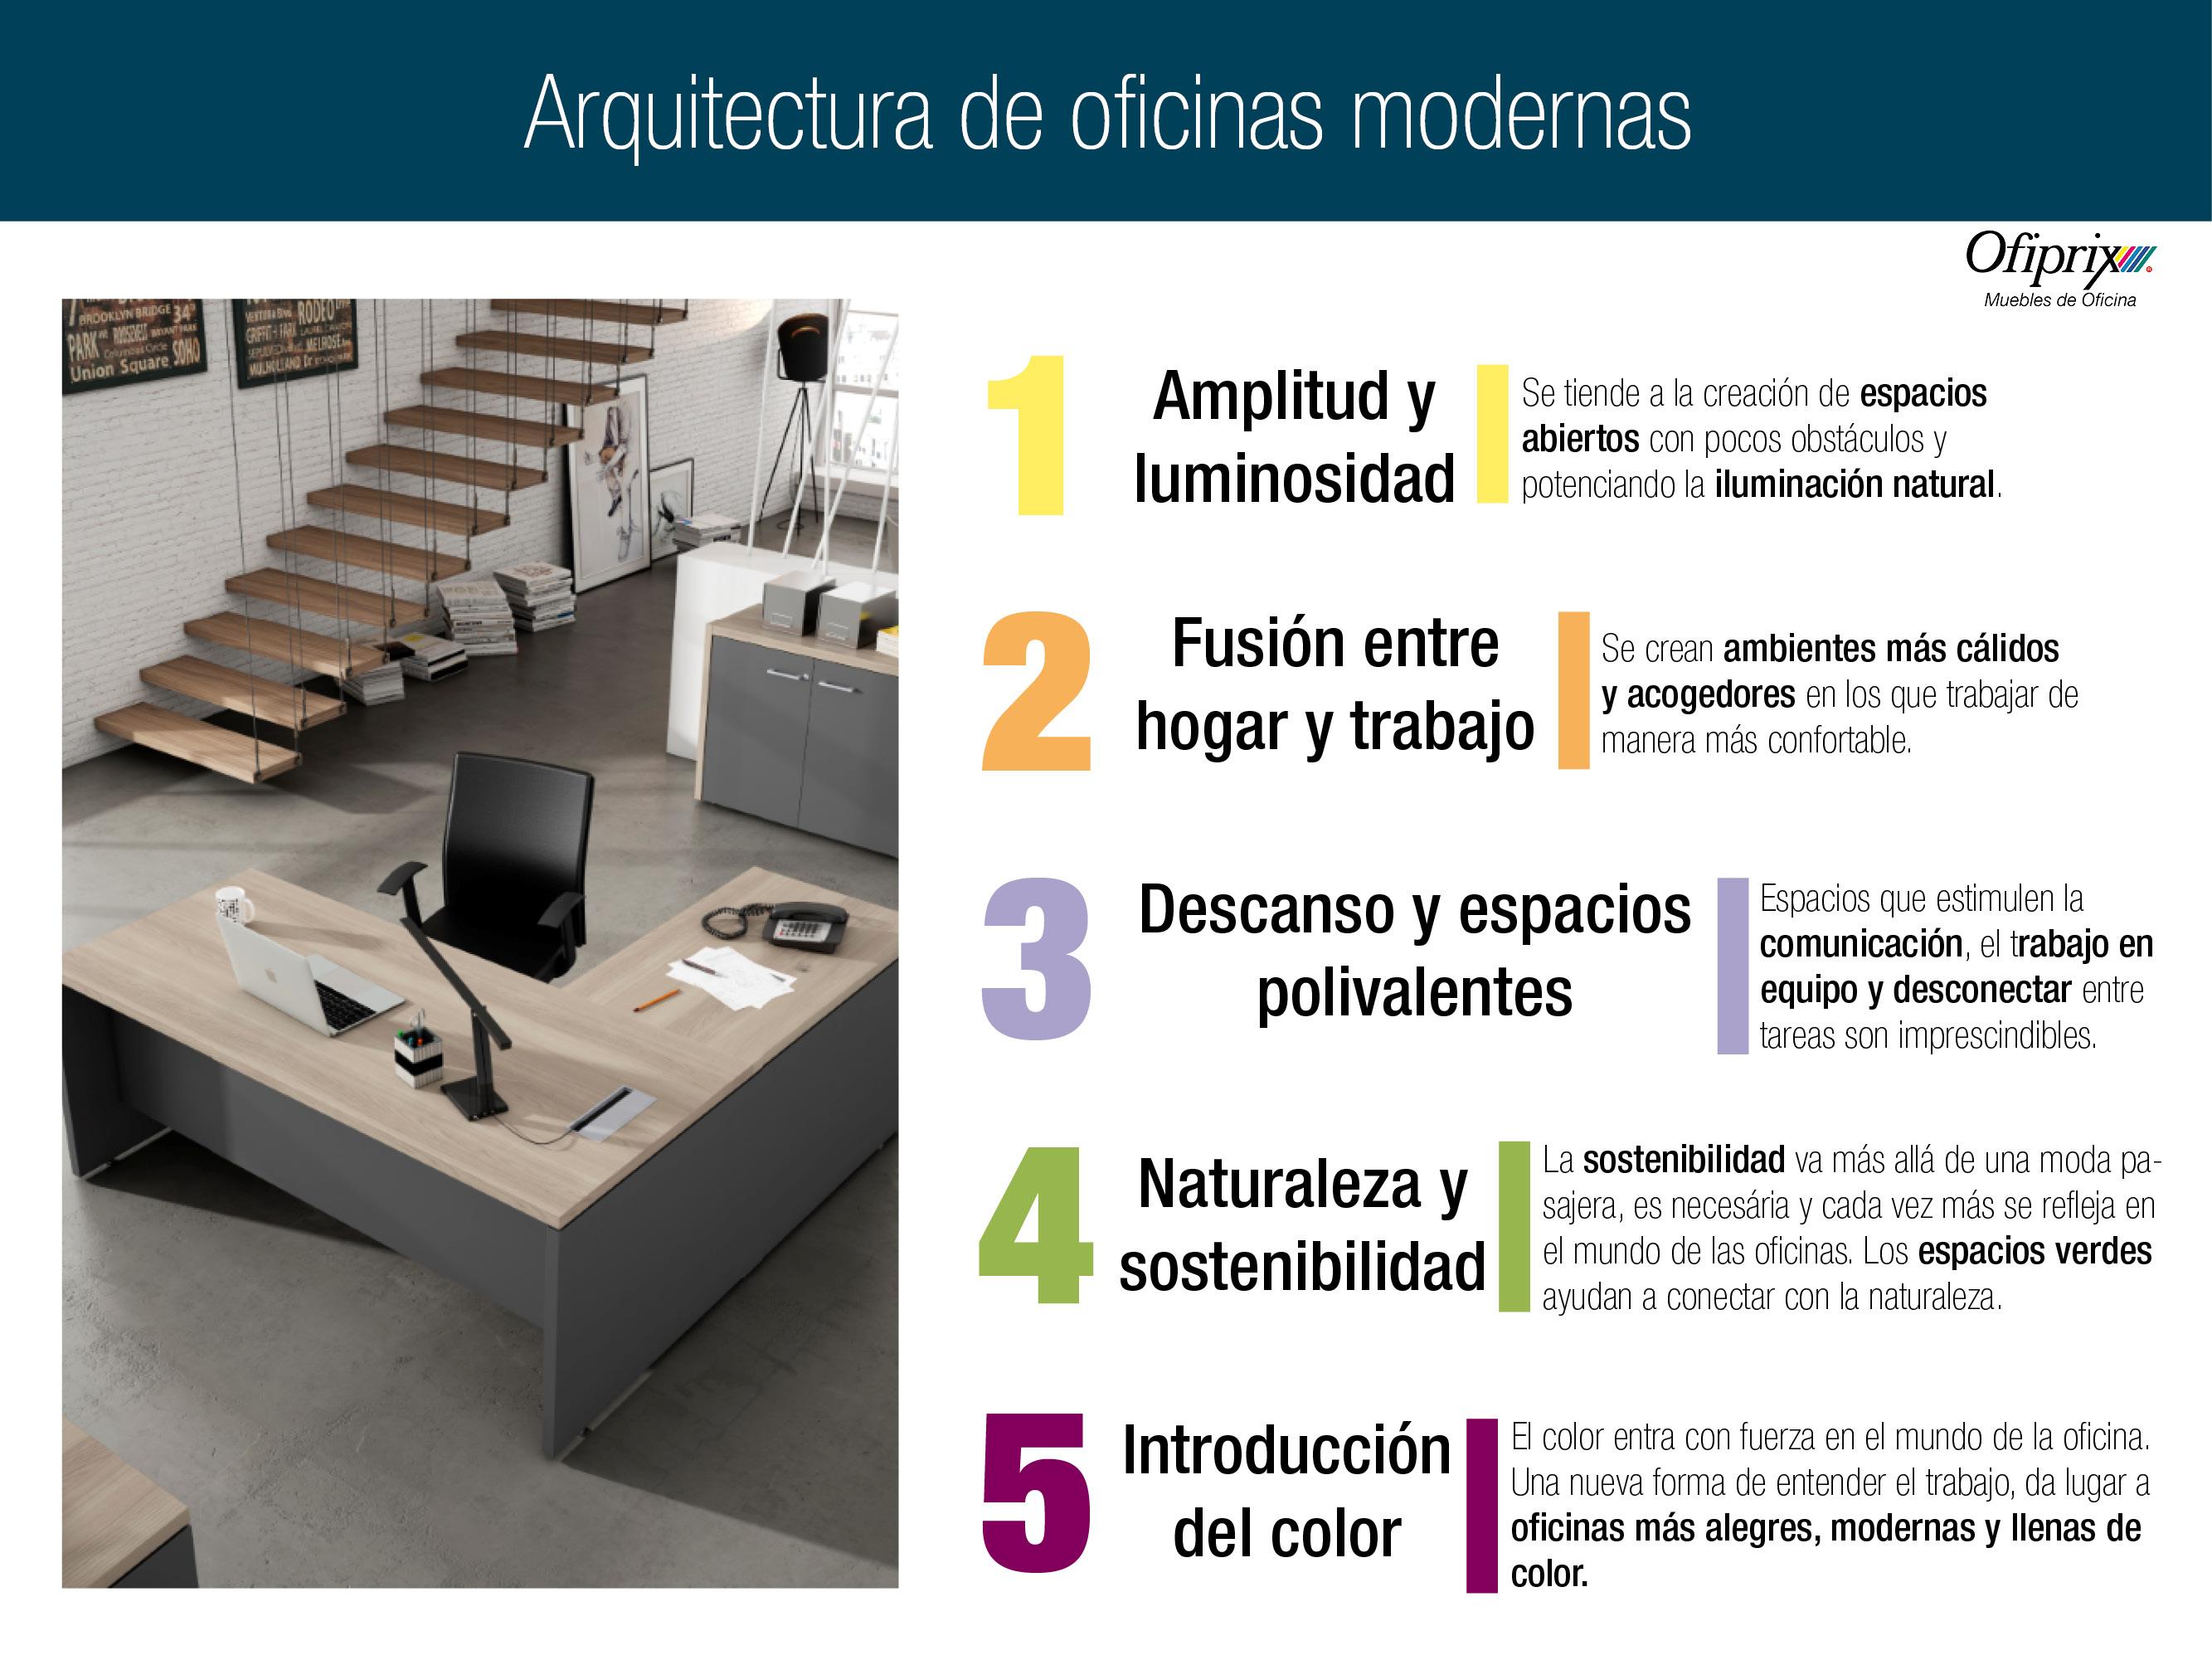 5 tendencias de arquitectura de oficinas modernas for Importancia de la oficina dentro de la empresa wikipedia